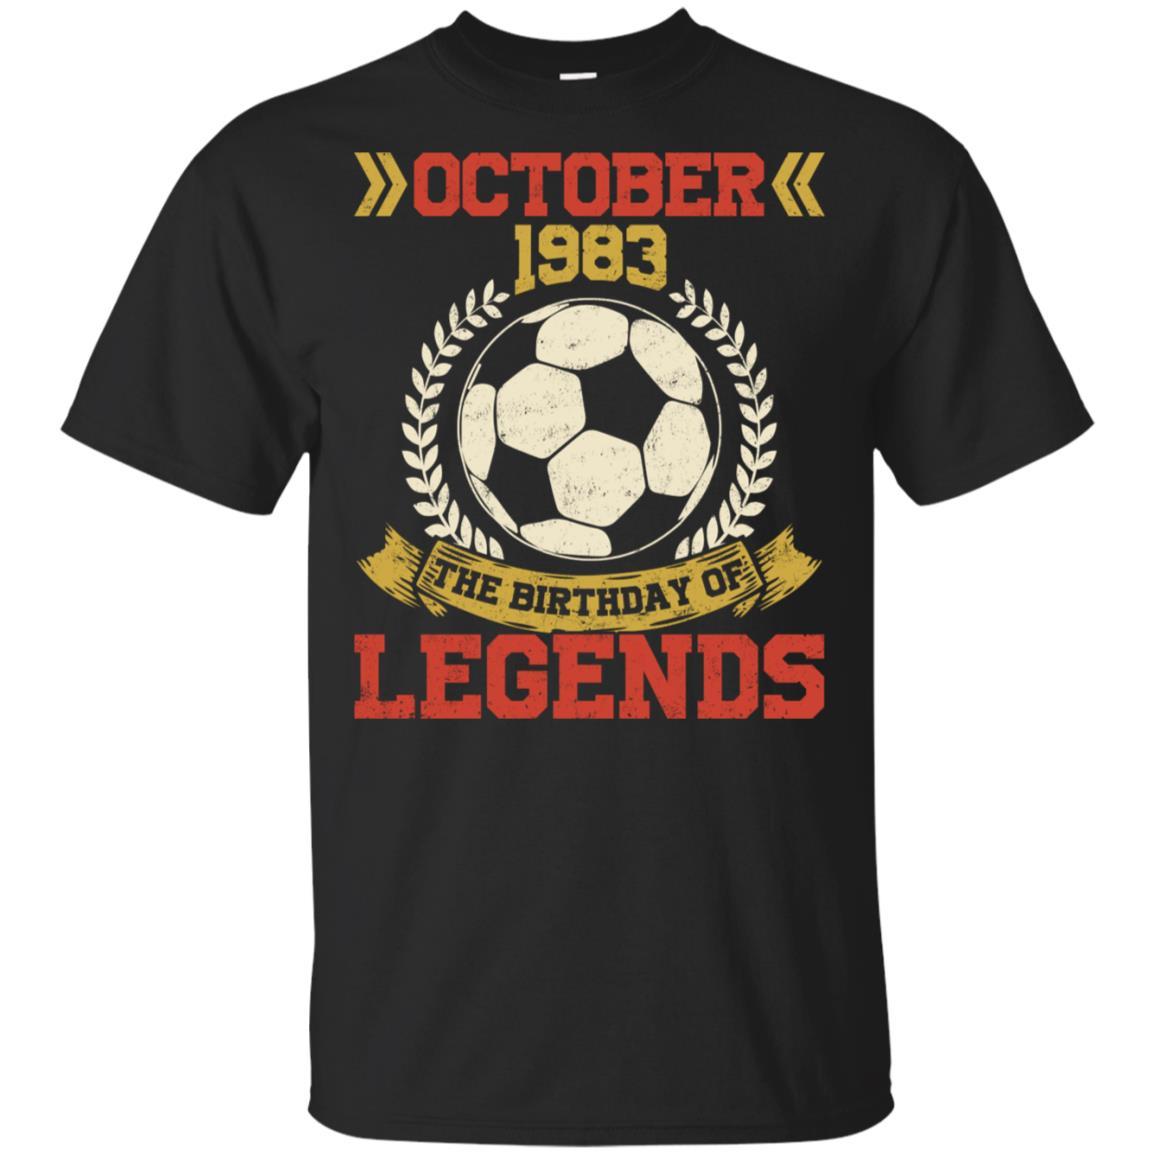 1983 October 35th Birthday Of Football Soccer Legend Unisex Short Sleeve